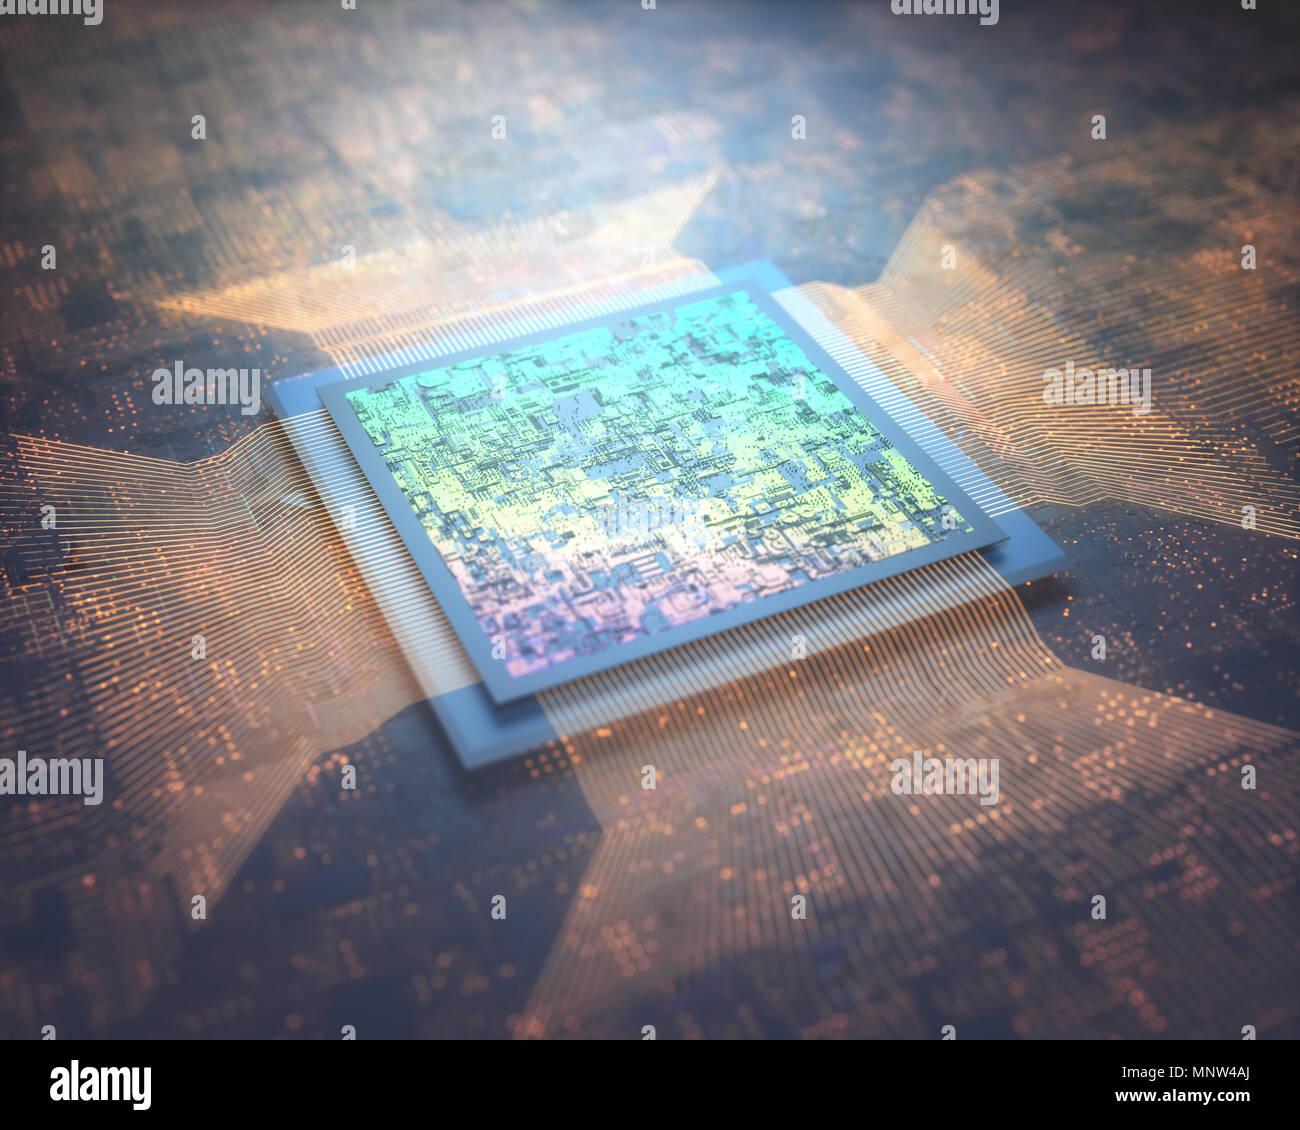 Puce microprocesseur, connexion à la platine de commande. Concept abstrait de droit, macro et nano technologies. Photo Stock